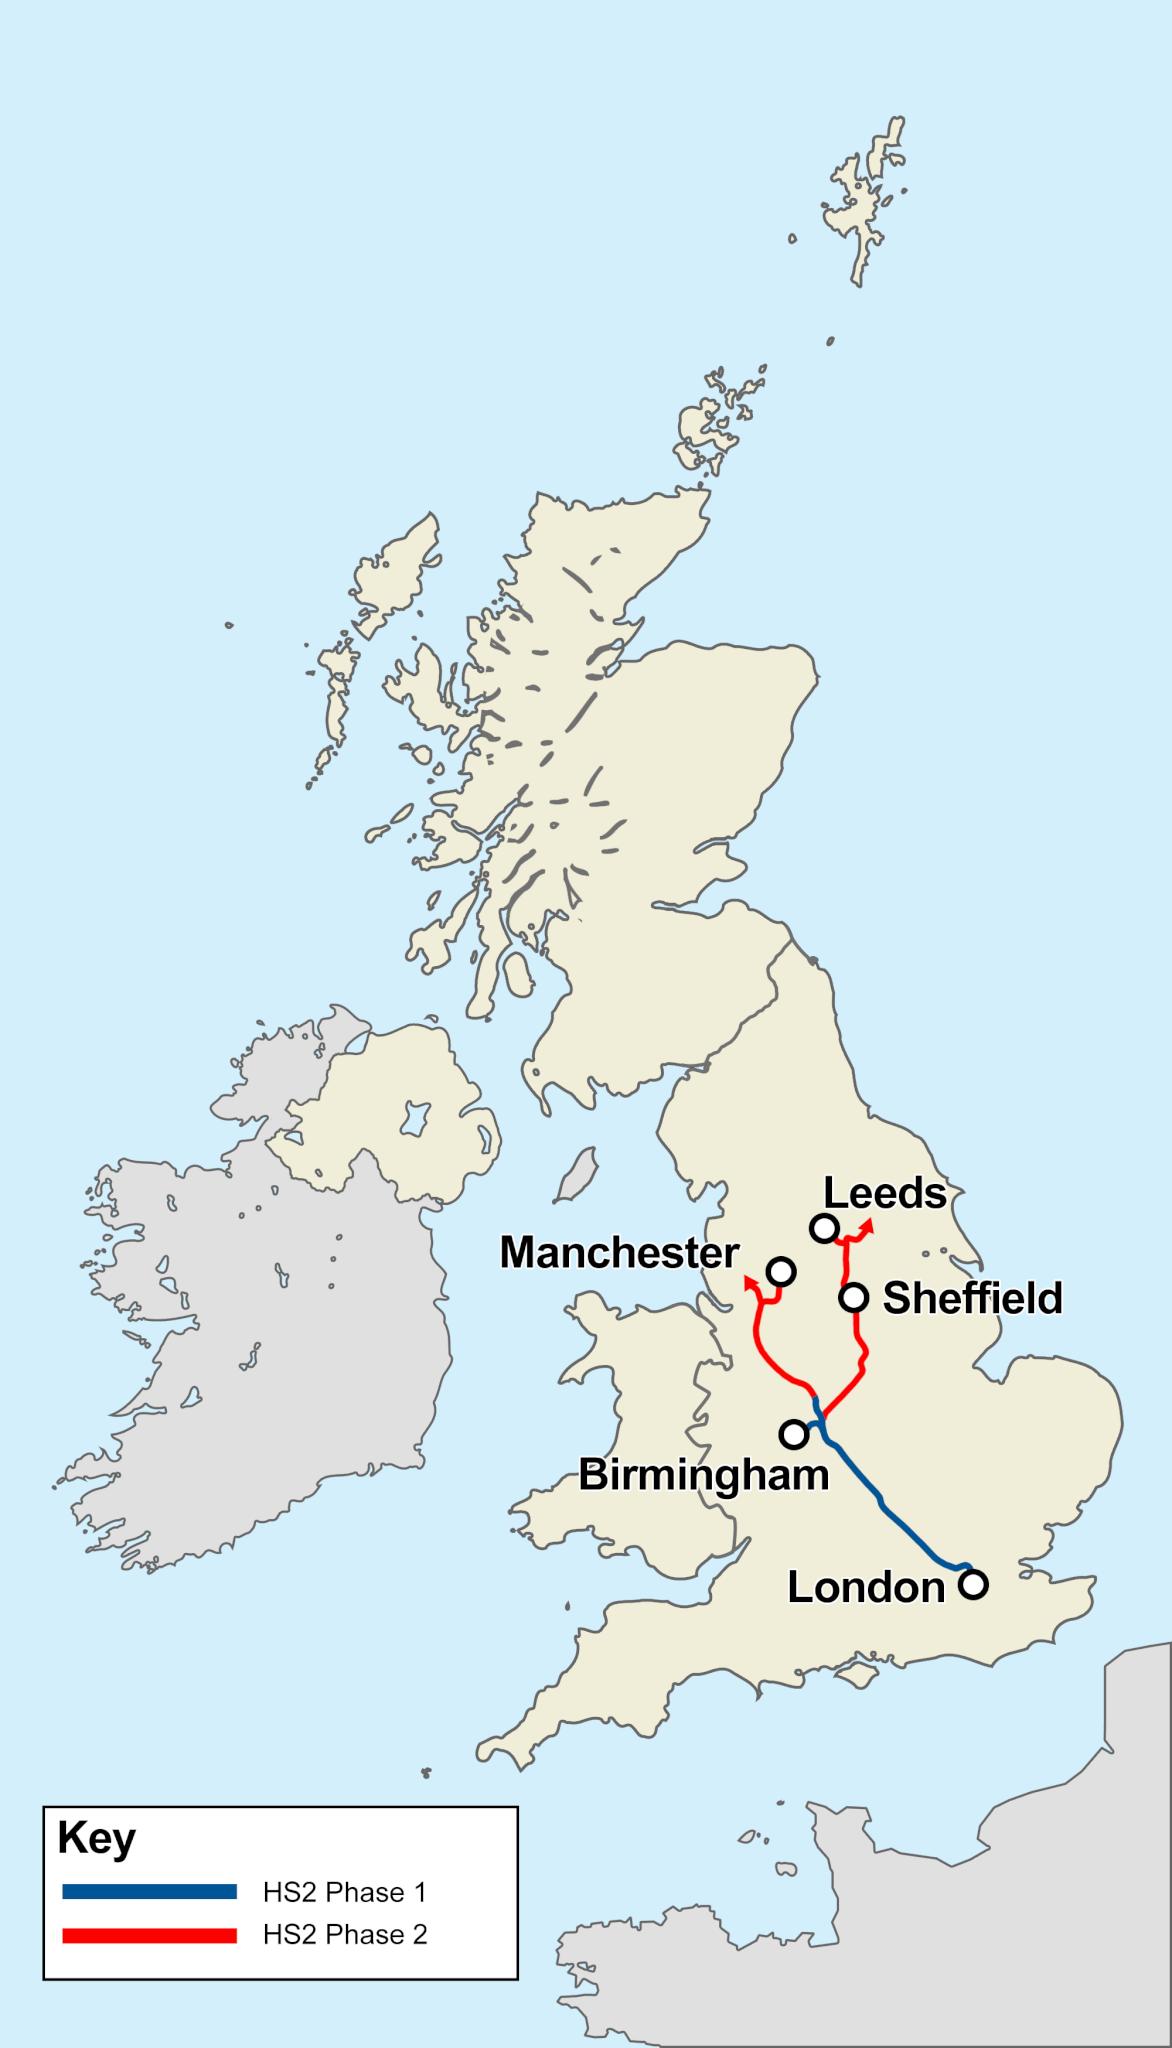 Current HS2 plans